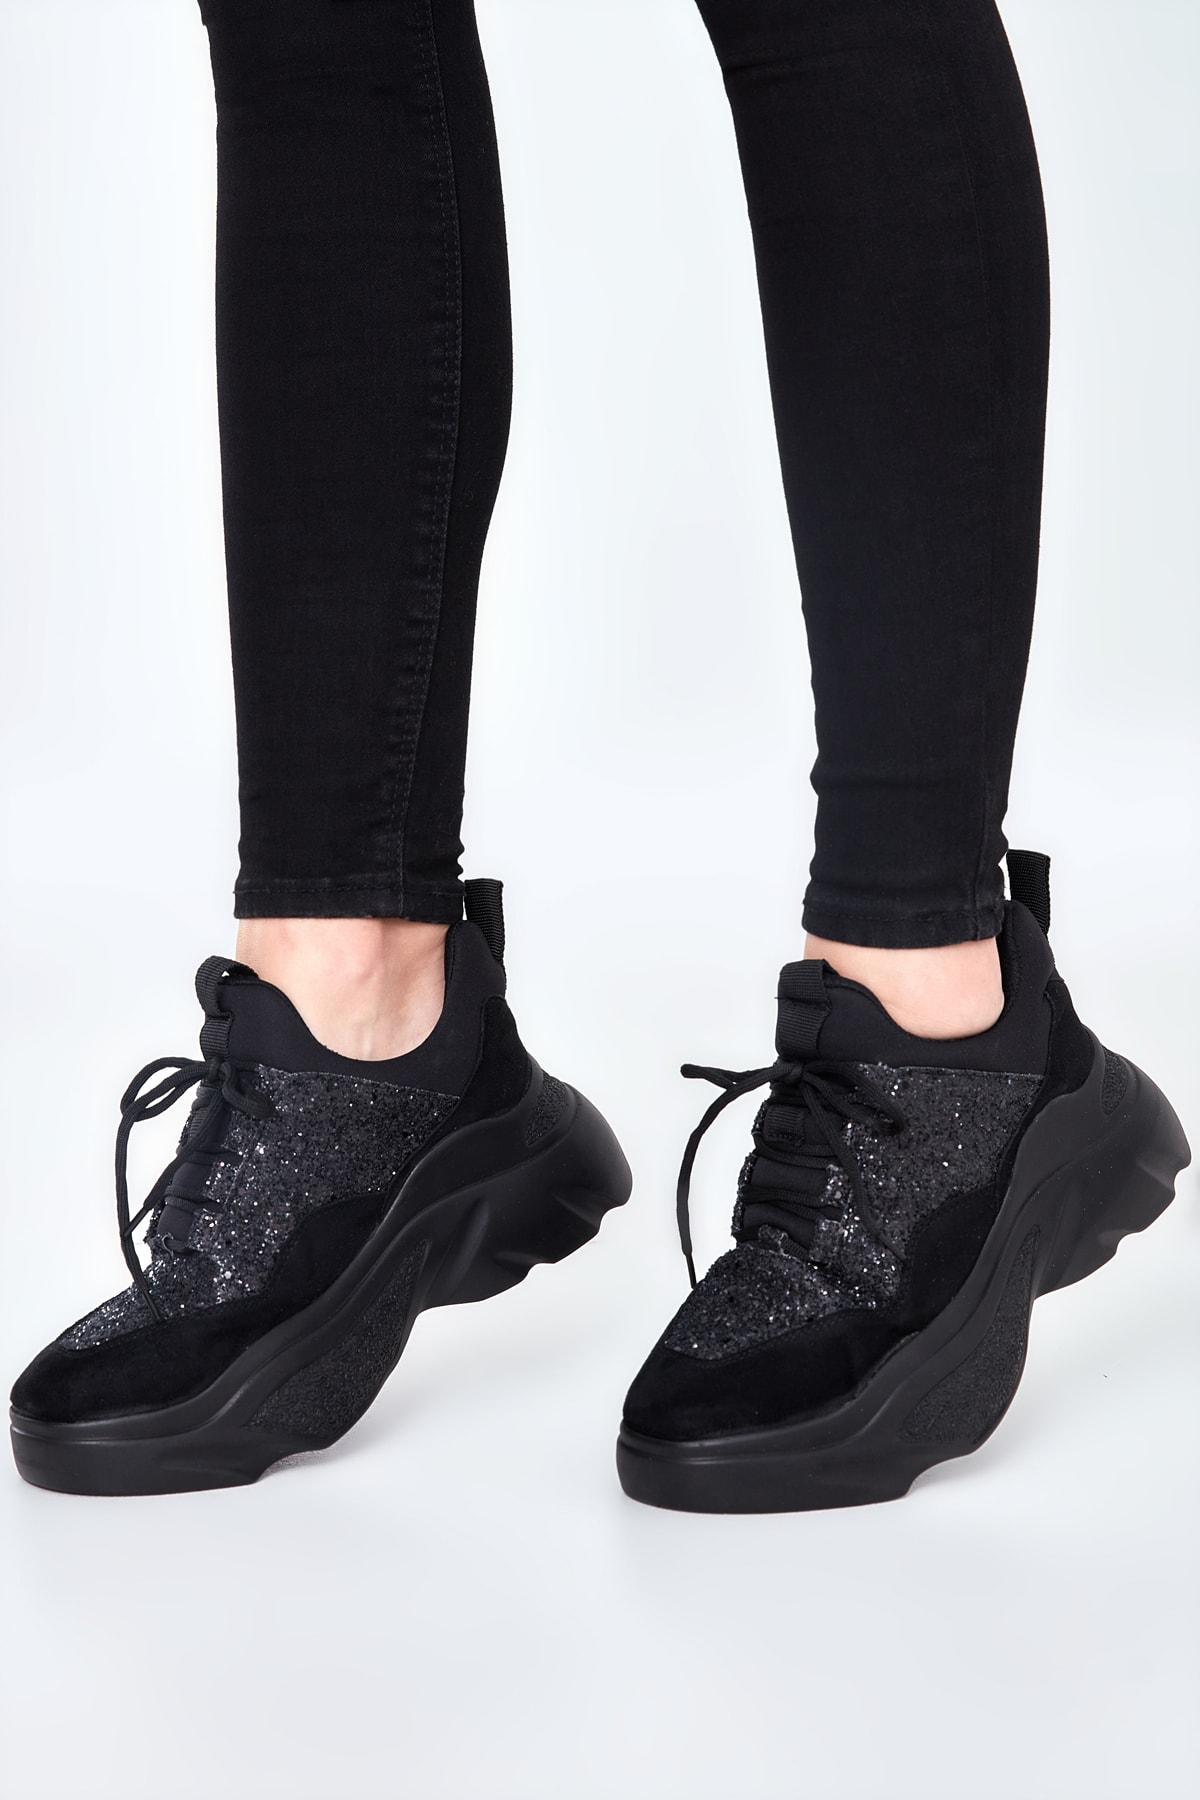 Bambi Siyah/Siy.Camkırık Kadın Sneaker 65